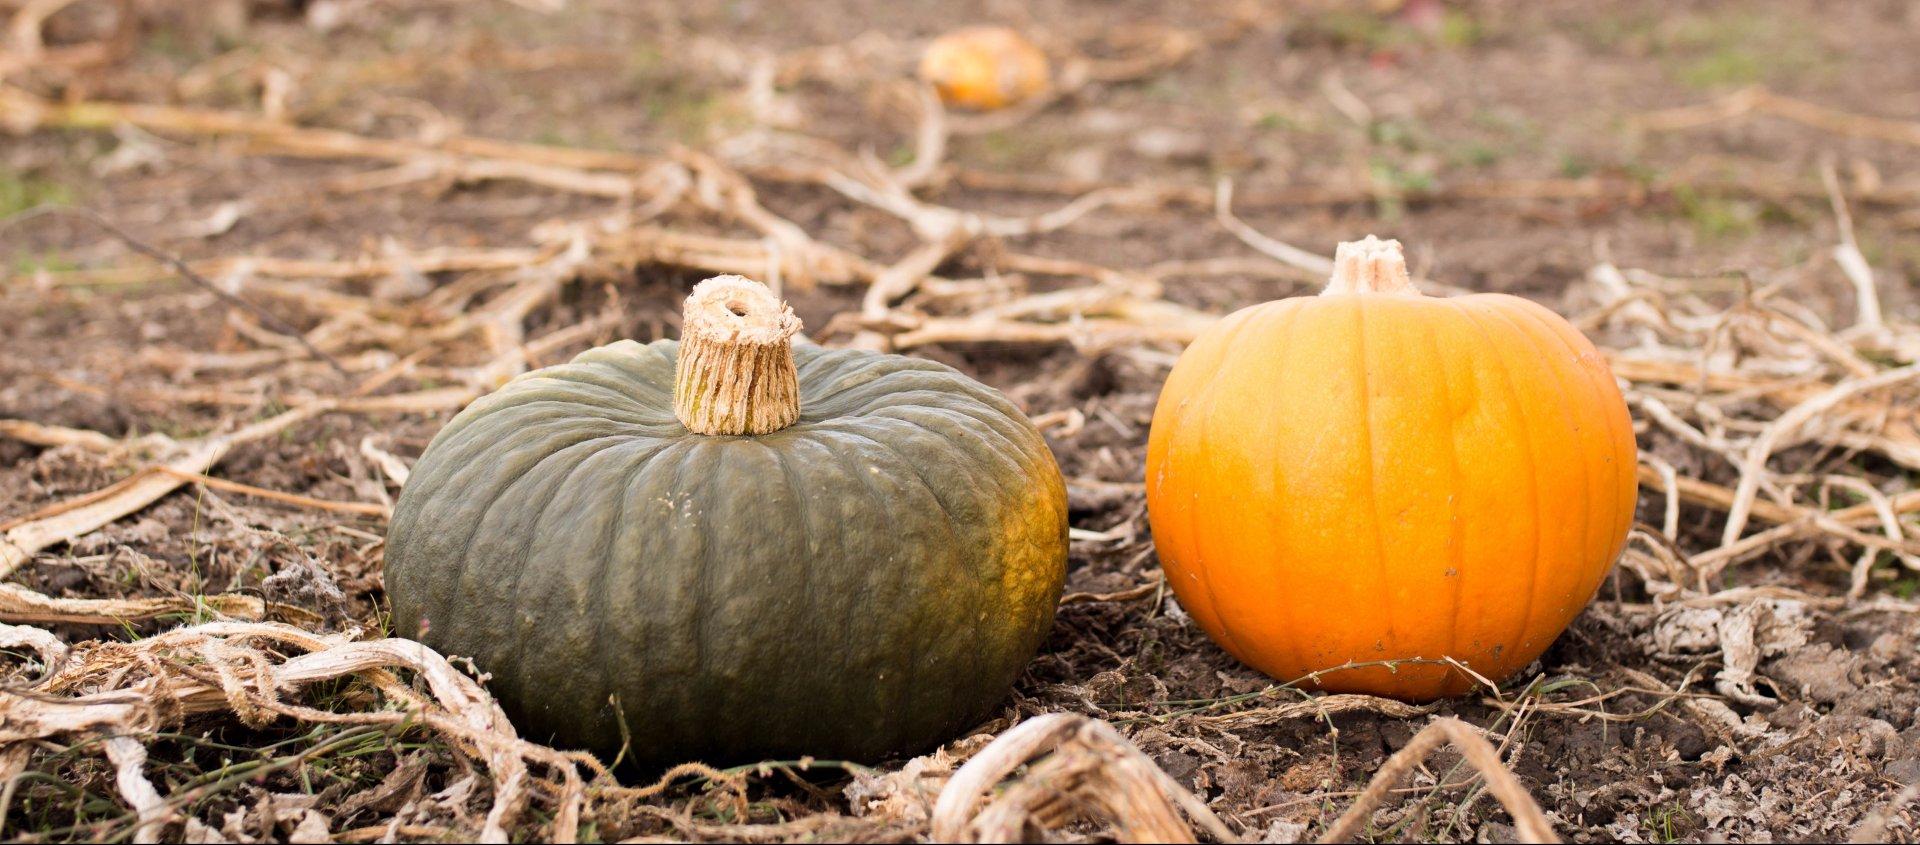 Pumpkins from Organic Matter Ranch in Eureka. File photo by Lauren Shea